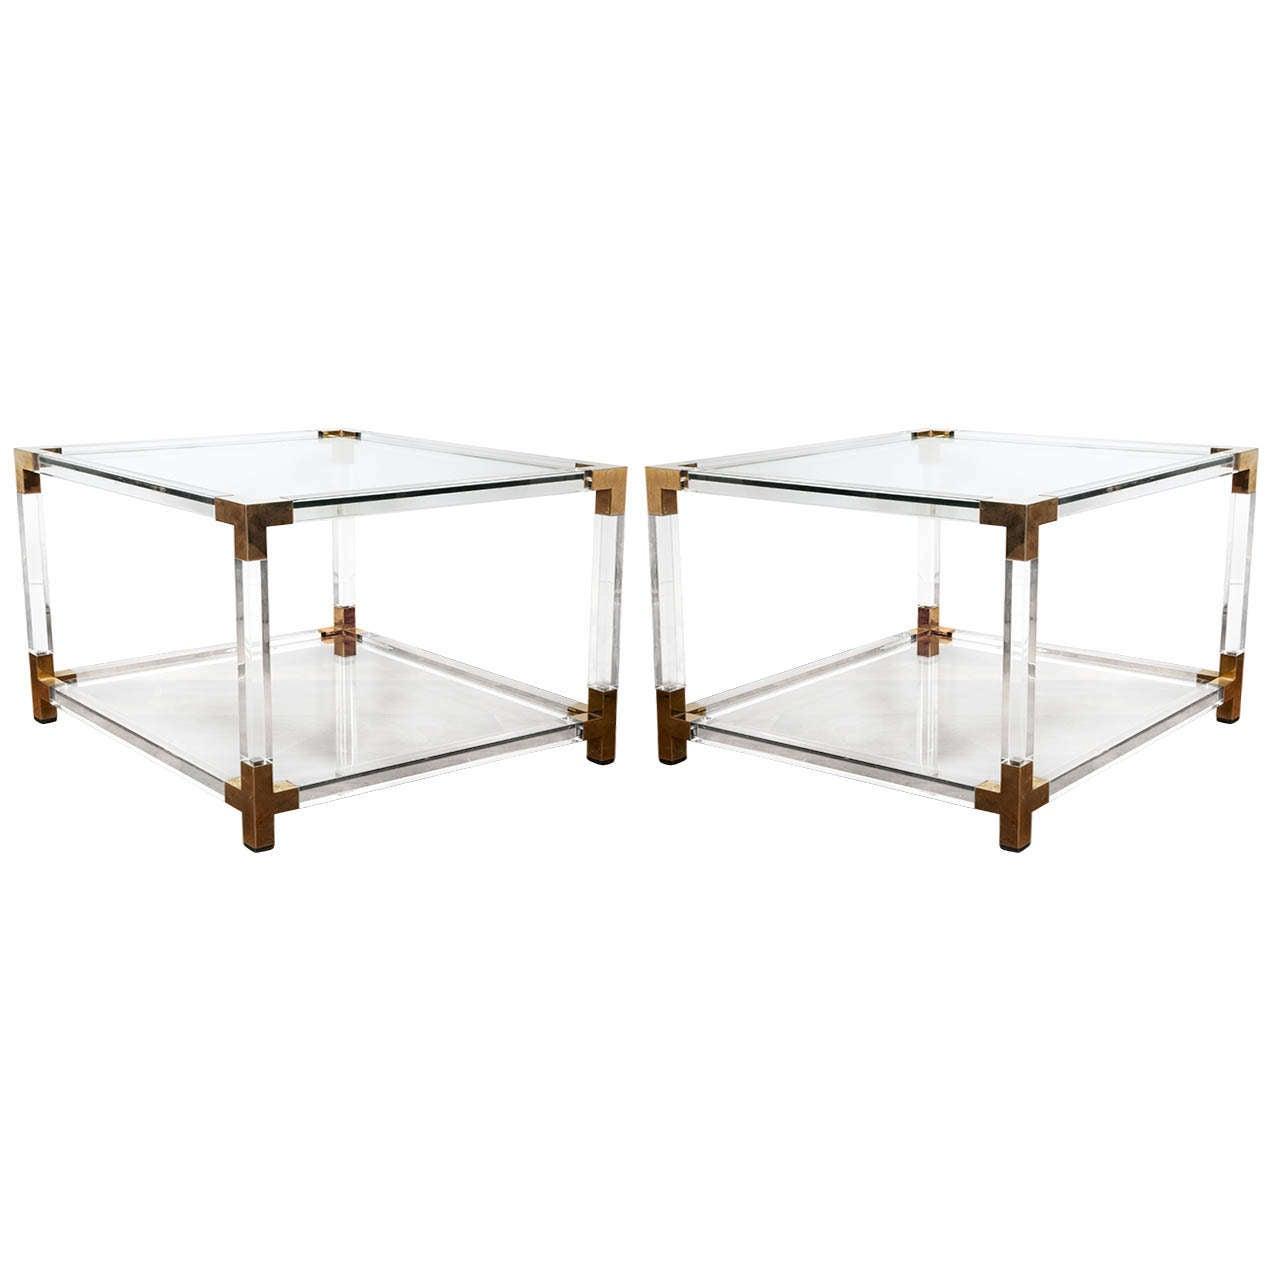 Elegant Pair Of End Tables In The Manner Of Pierre Vandel At 1stdibs